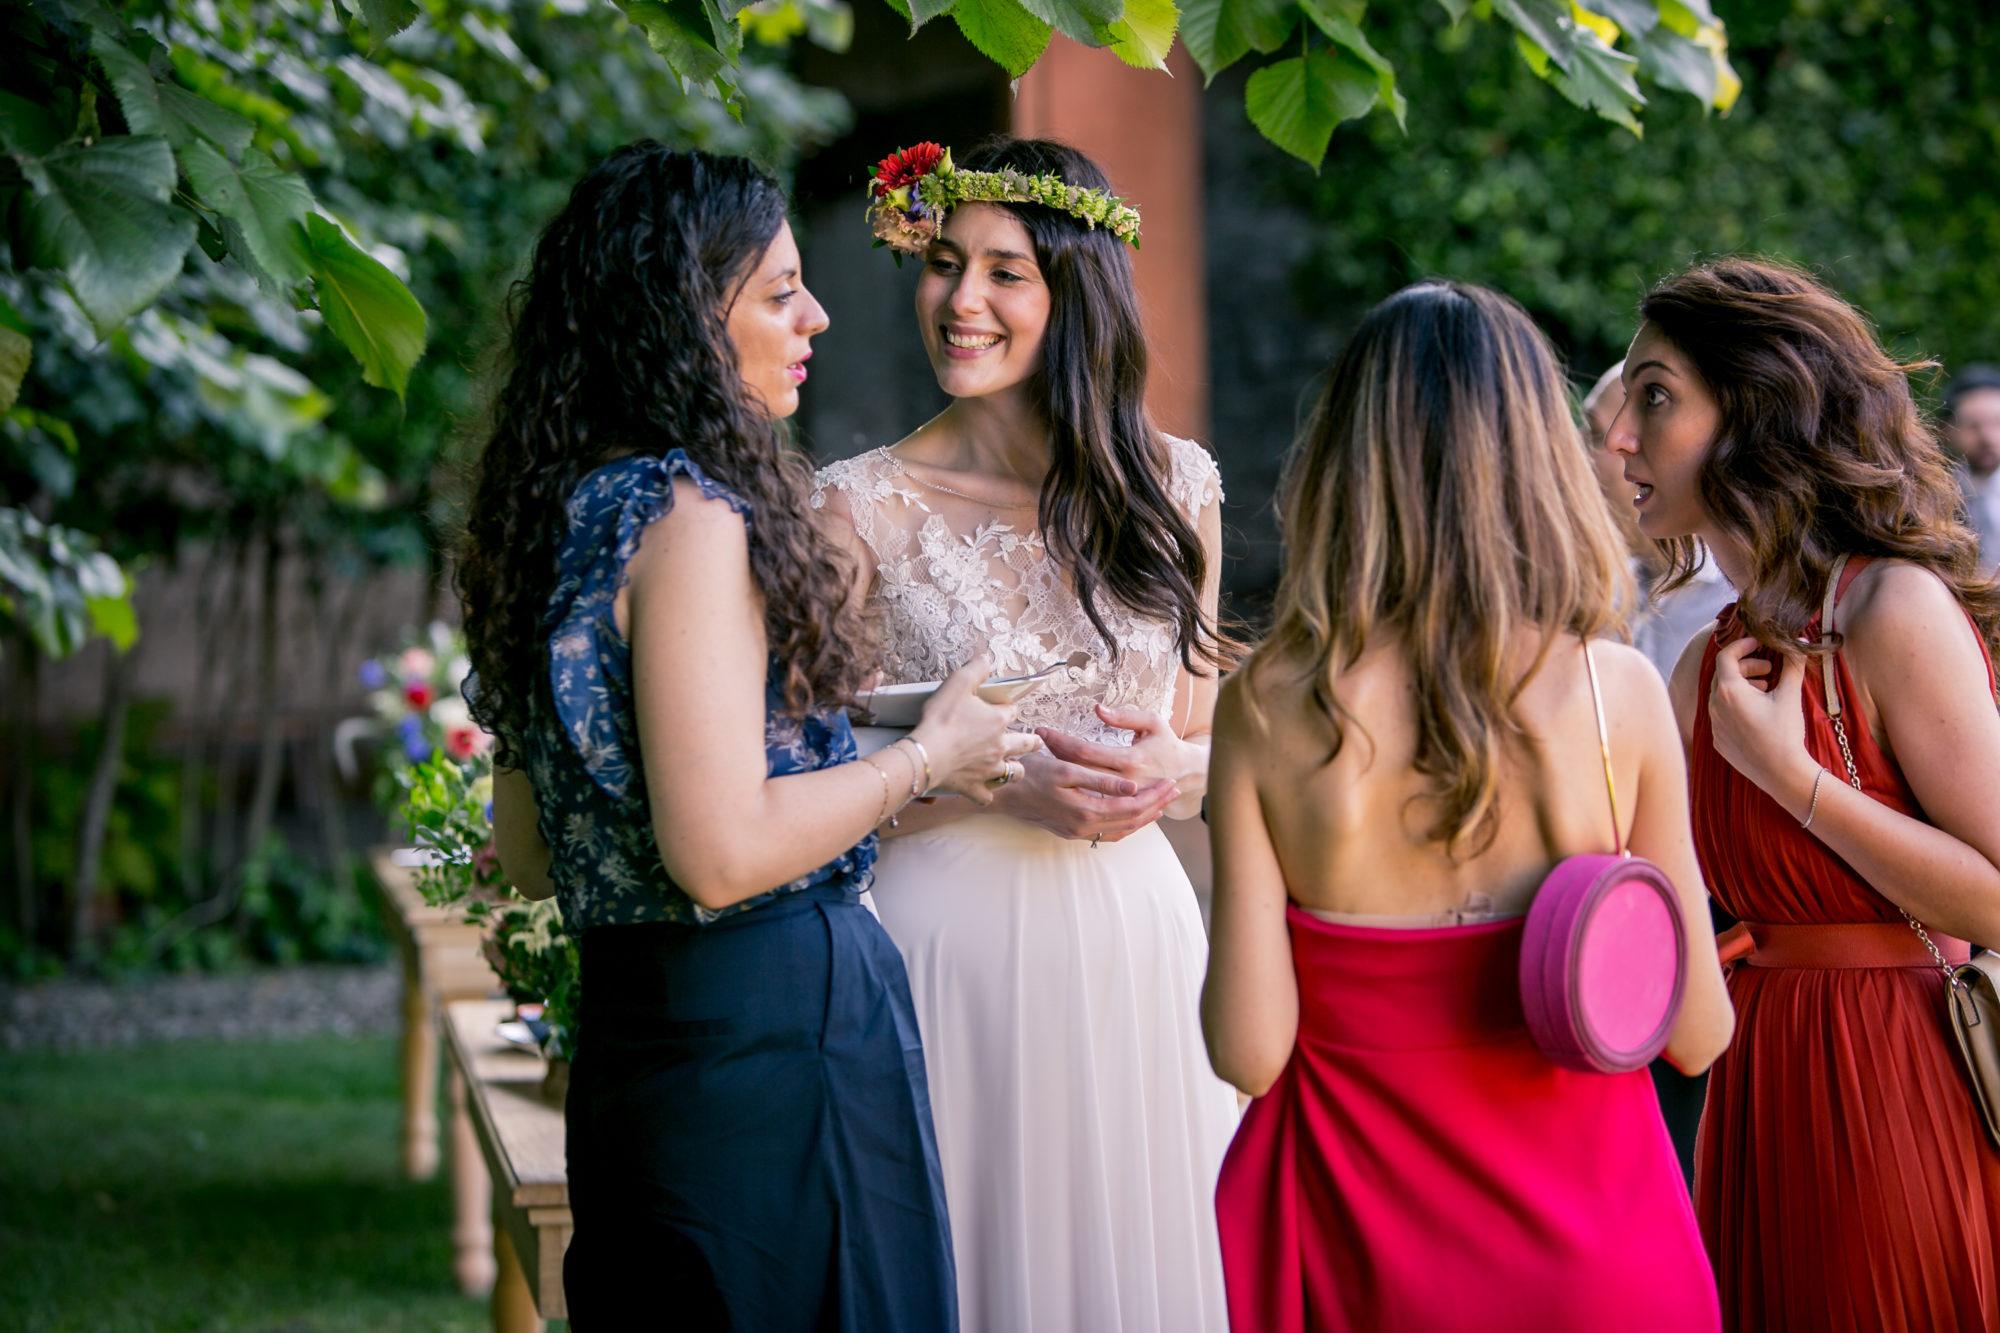 0018_gilberti_ricca_convento_annunciata_fotografi_matrimonio